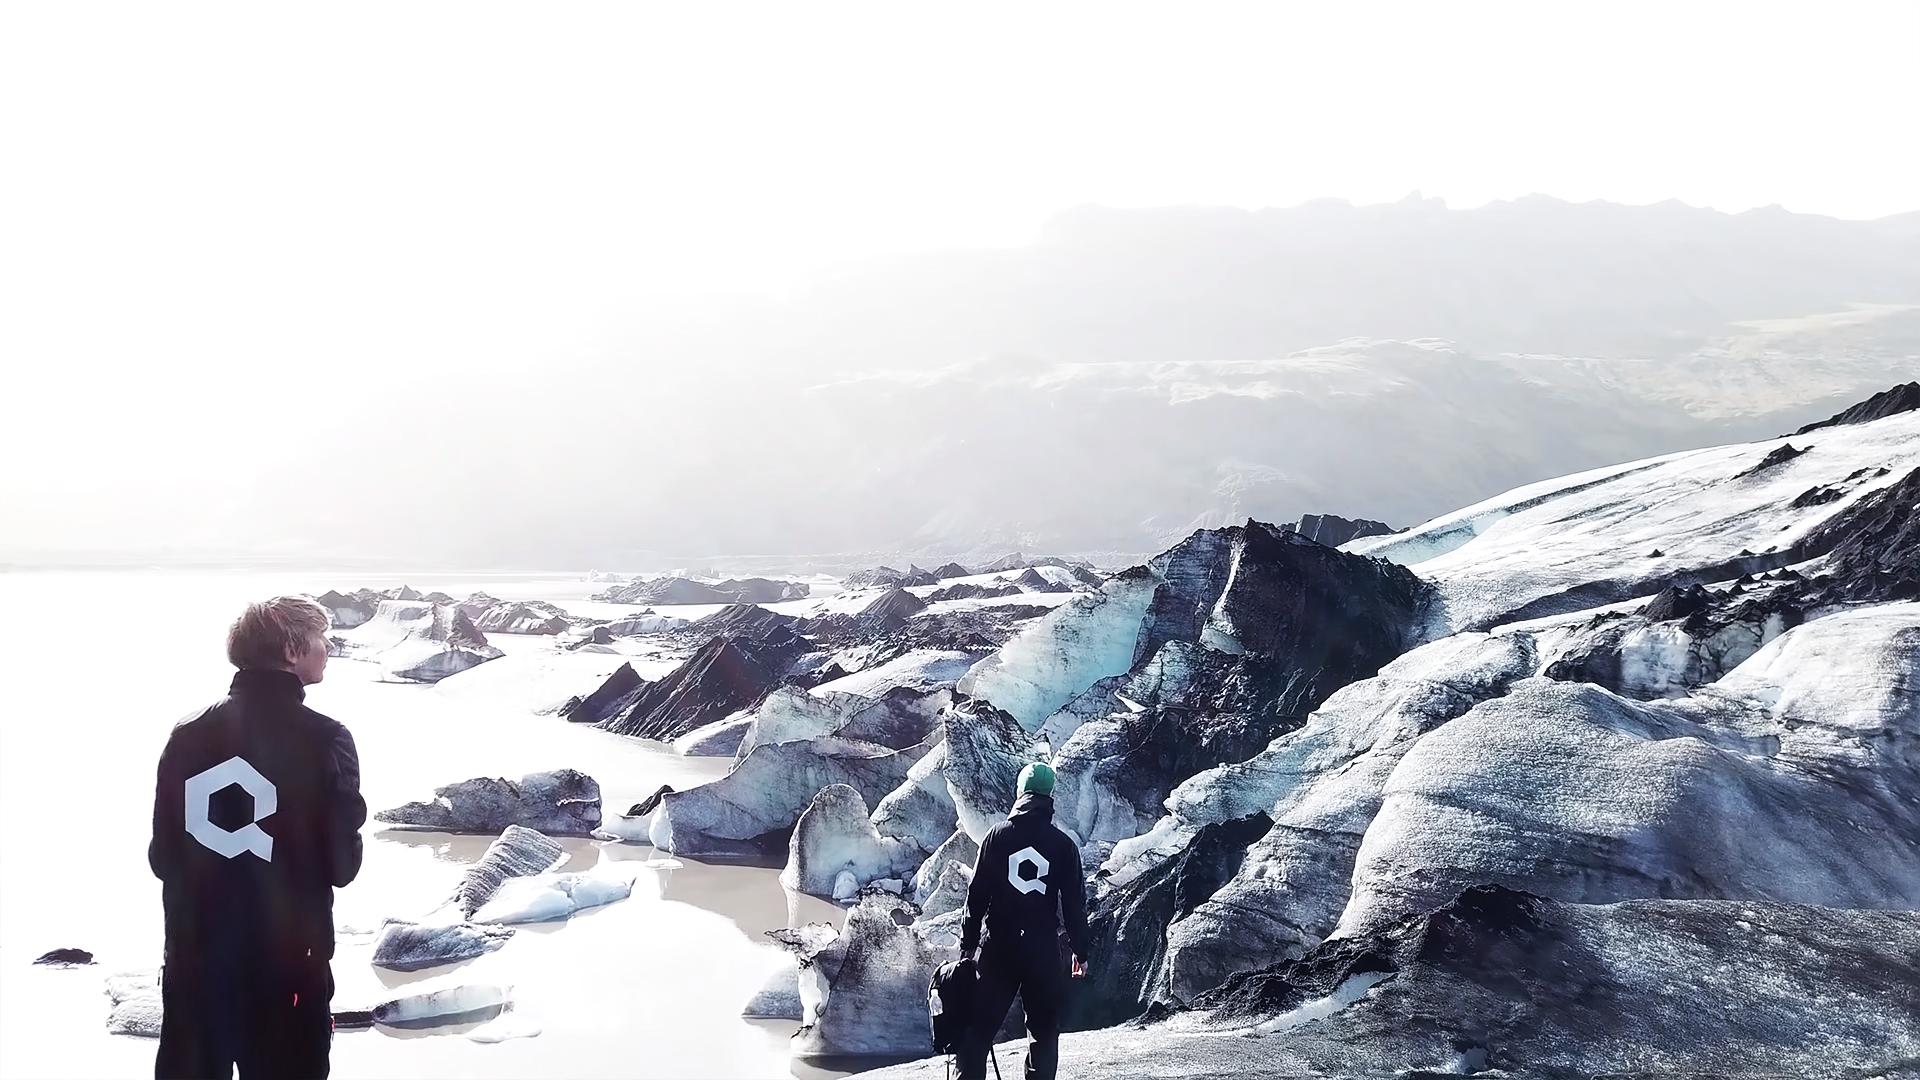 Island är ett väldigt populärt resmål för både film- och spelbranschen och det finns många filmer som utspelar sig just på Island, som  Oblivion ,  Interstellar  och  Star Wars . Uppsalabaserade Quixel satte sig därför på flyget – med målet att skanna varenda biotop på den natursköna ön.